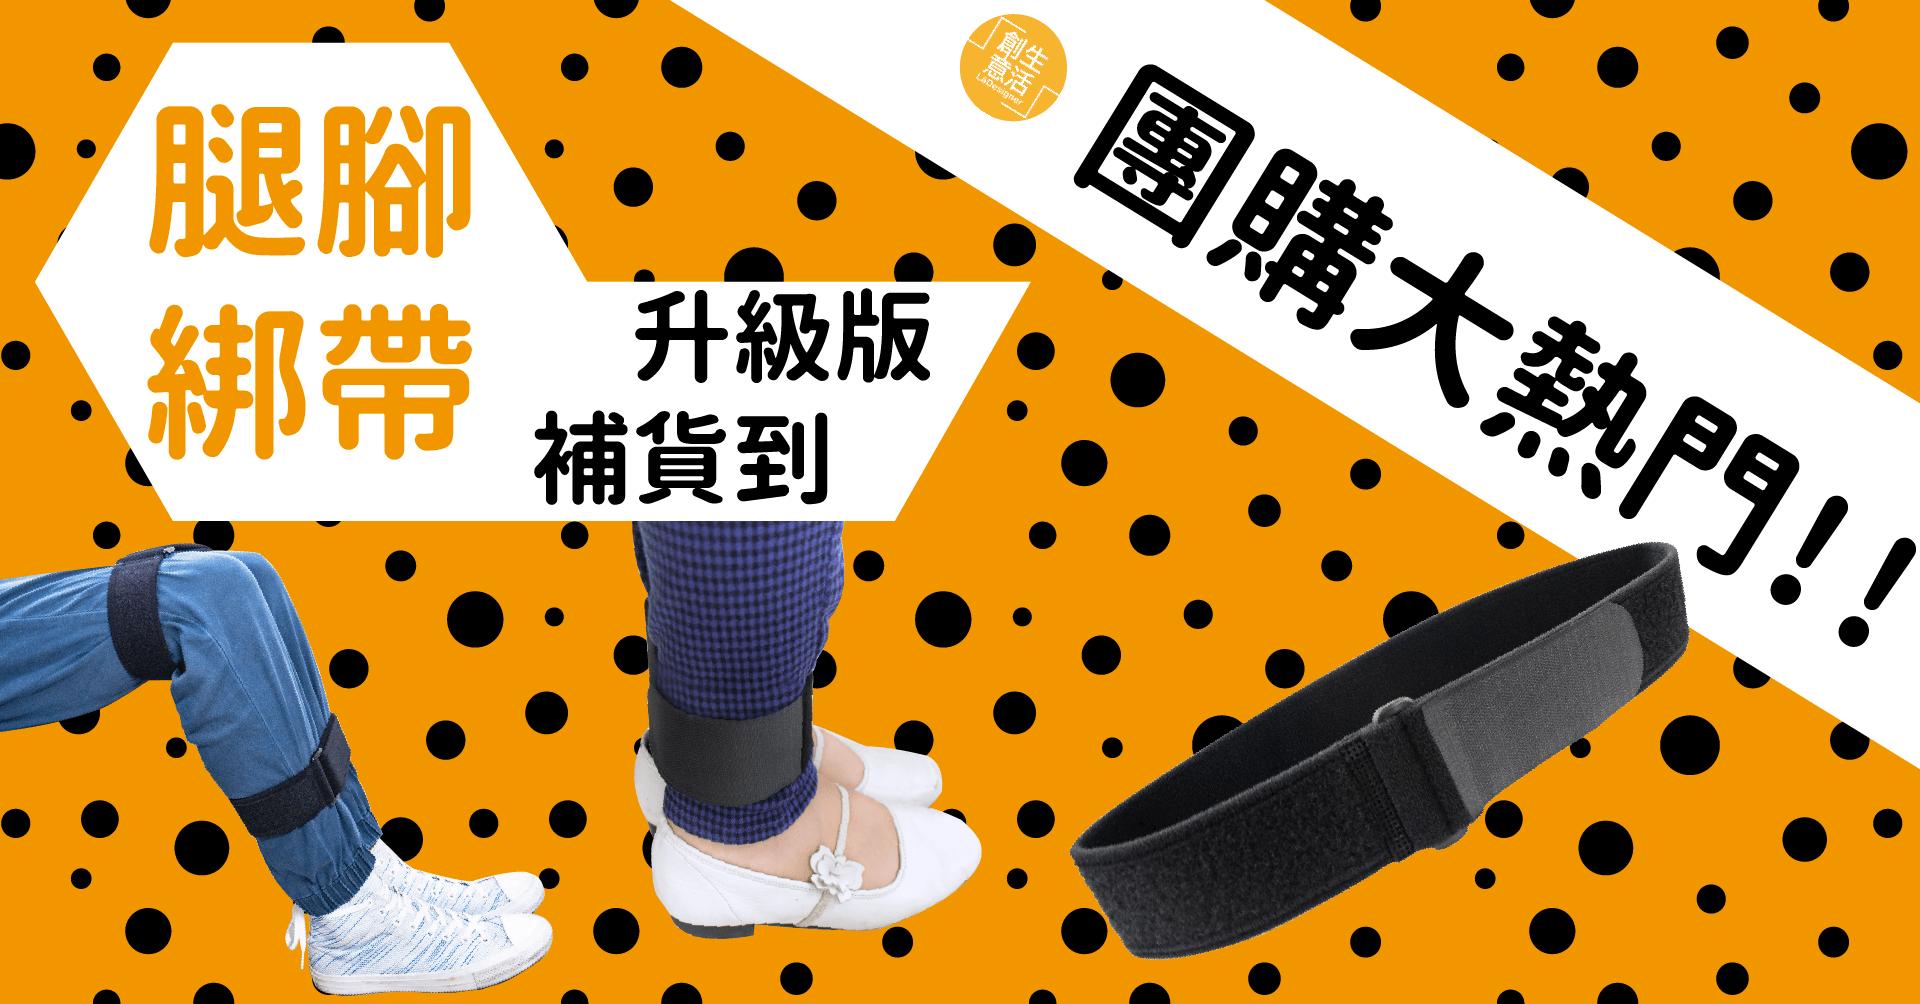 超人氣團購夯品-腿腳綁帶,台灣製造、多款尺寸、美姿美儀好幫手